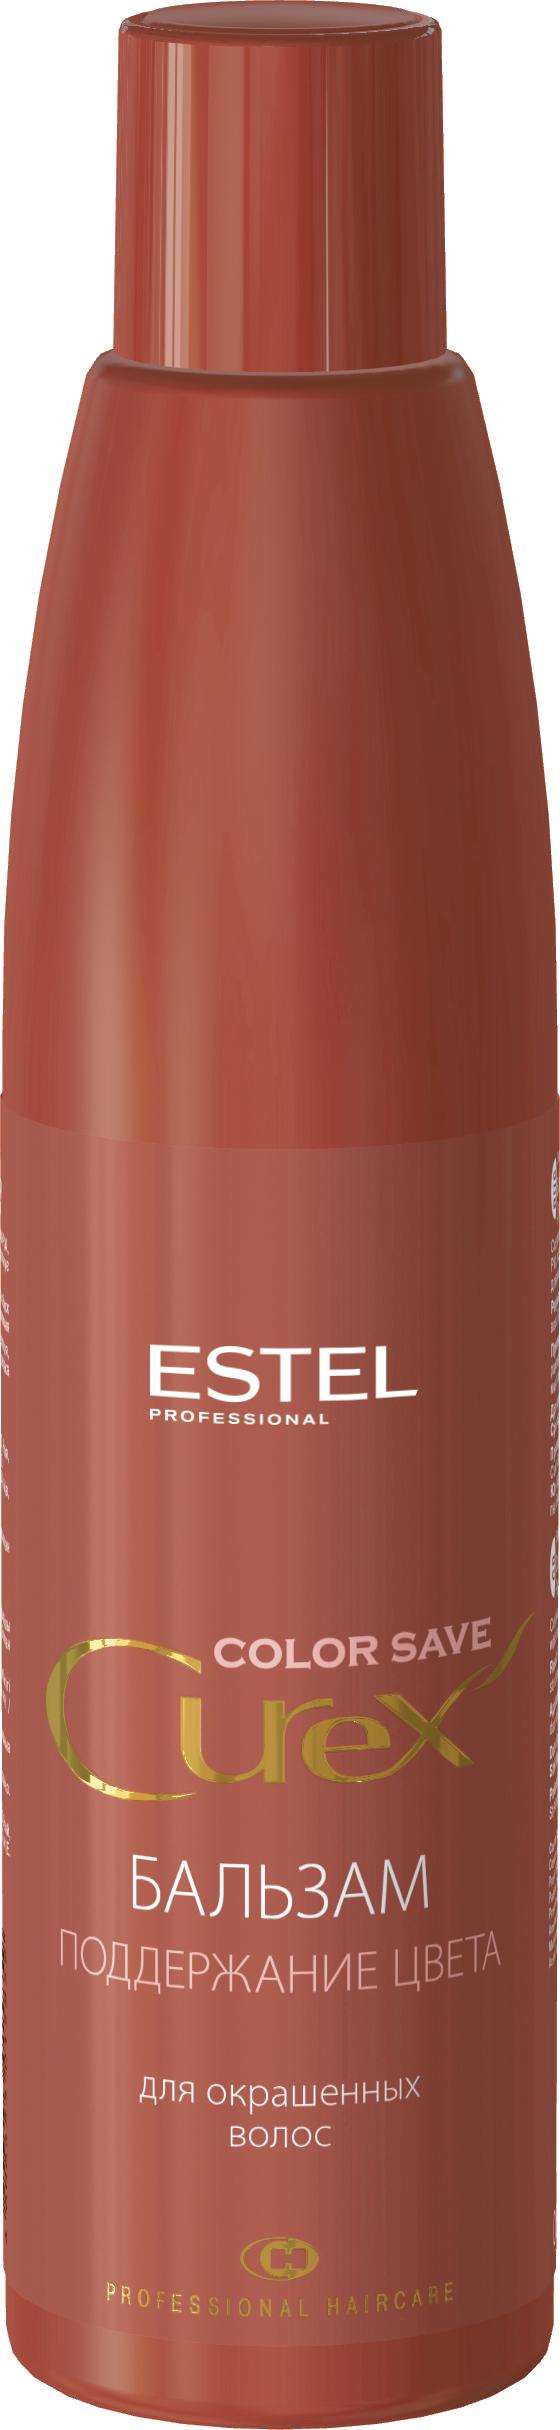 Бальзам поддержка цвета для окрашенных волос CUREX  COLOR SAVE 250 мл.